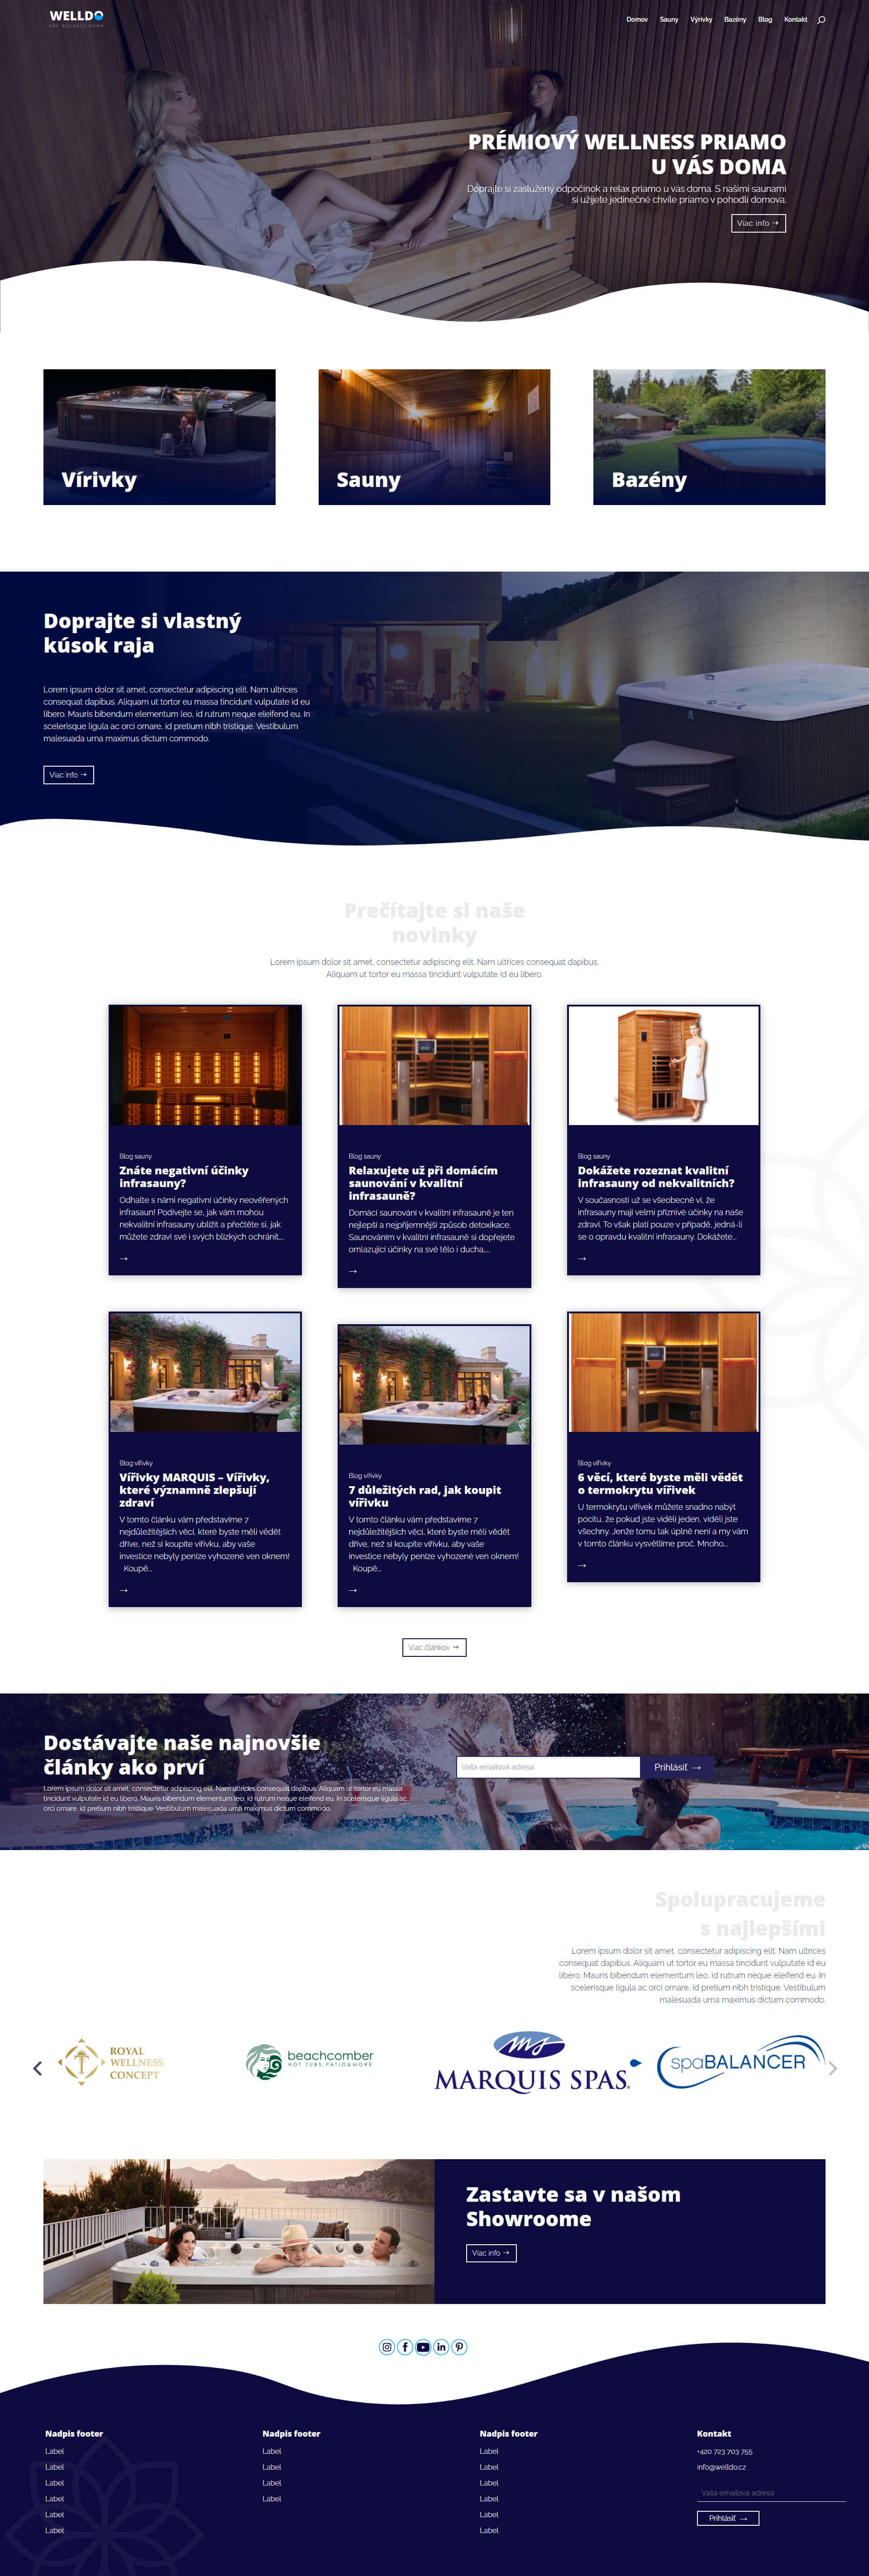 Tvorba webstránky pre wellness produkty - sauny, bazény, vírivky